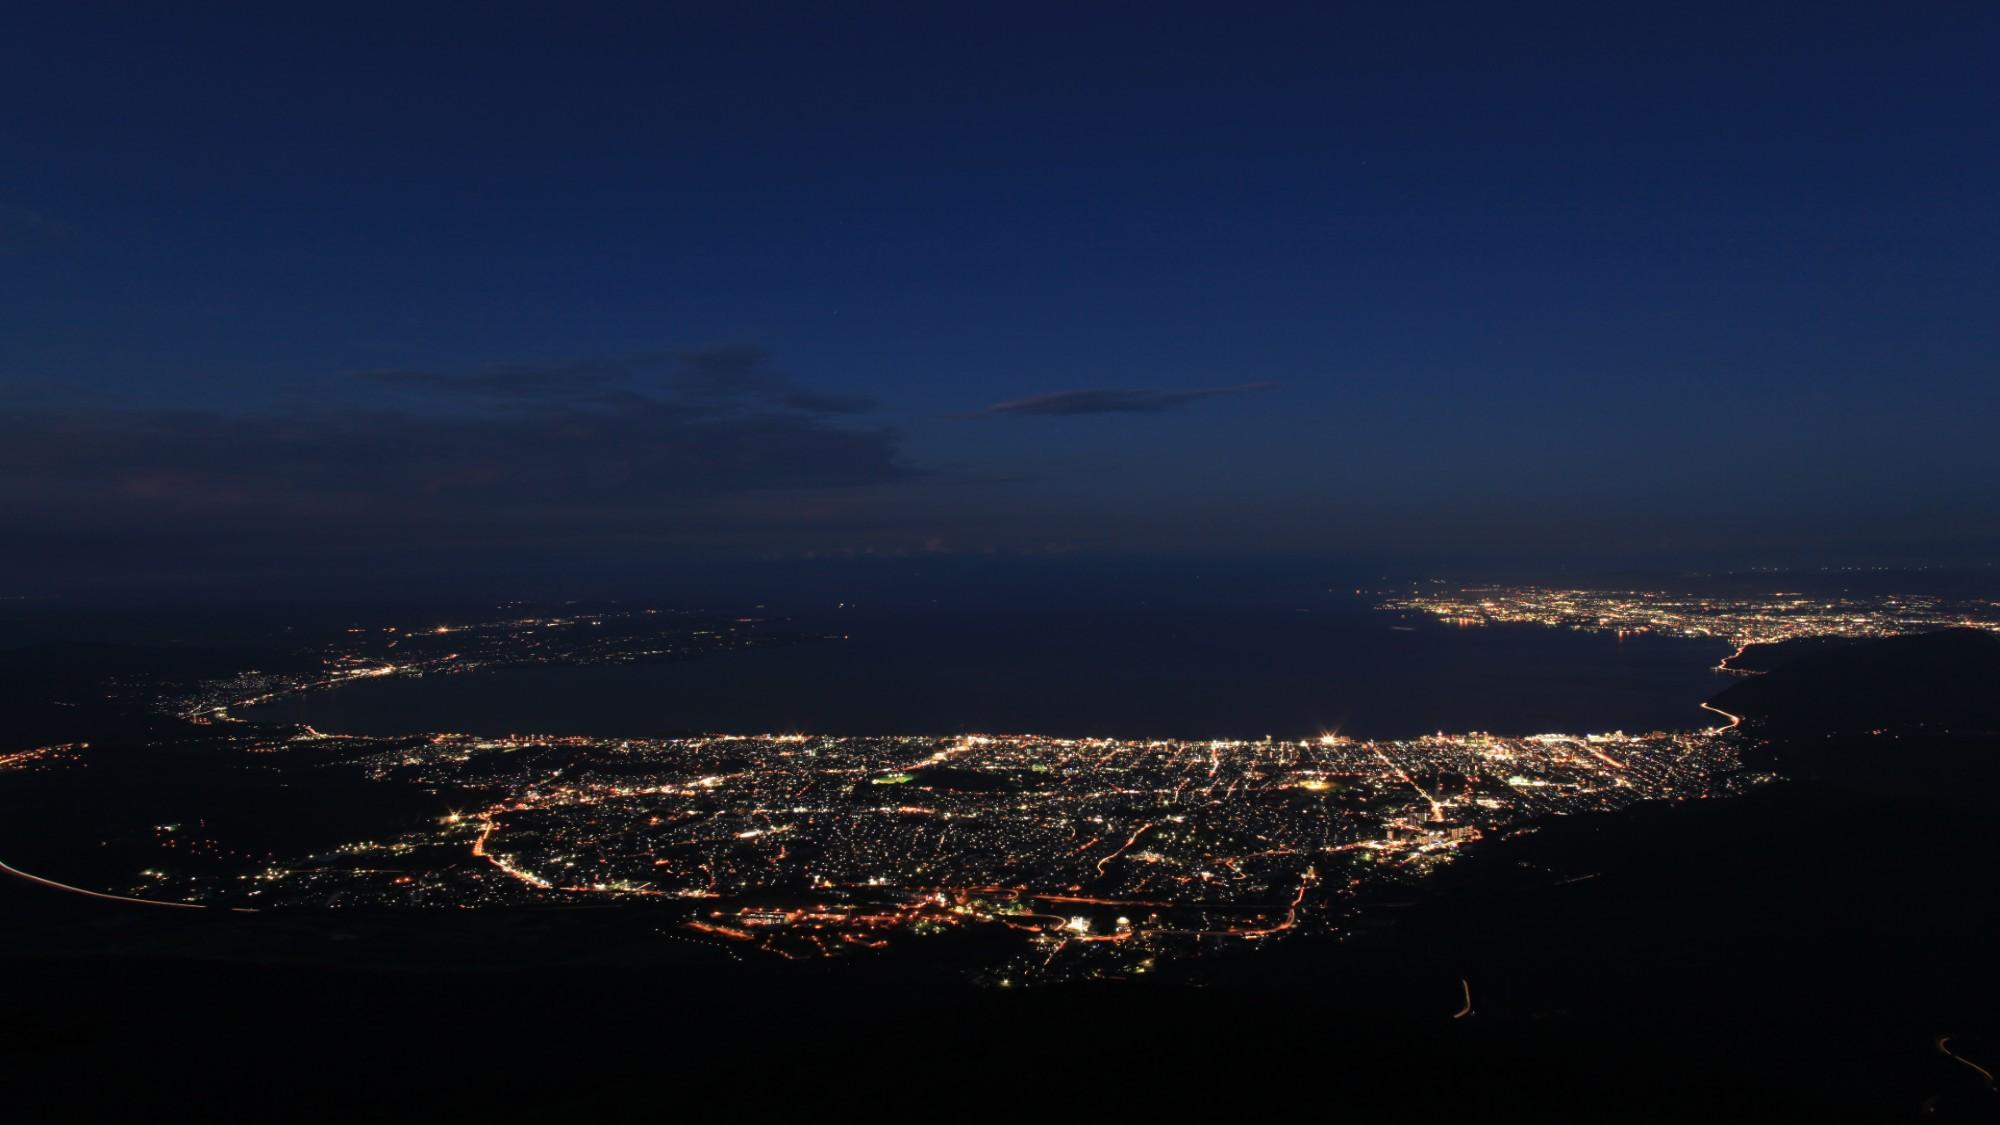 別府湾・夜景|夜になると美しい夜景を繰り広げる別府湾。